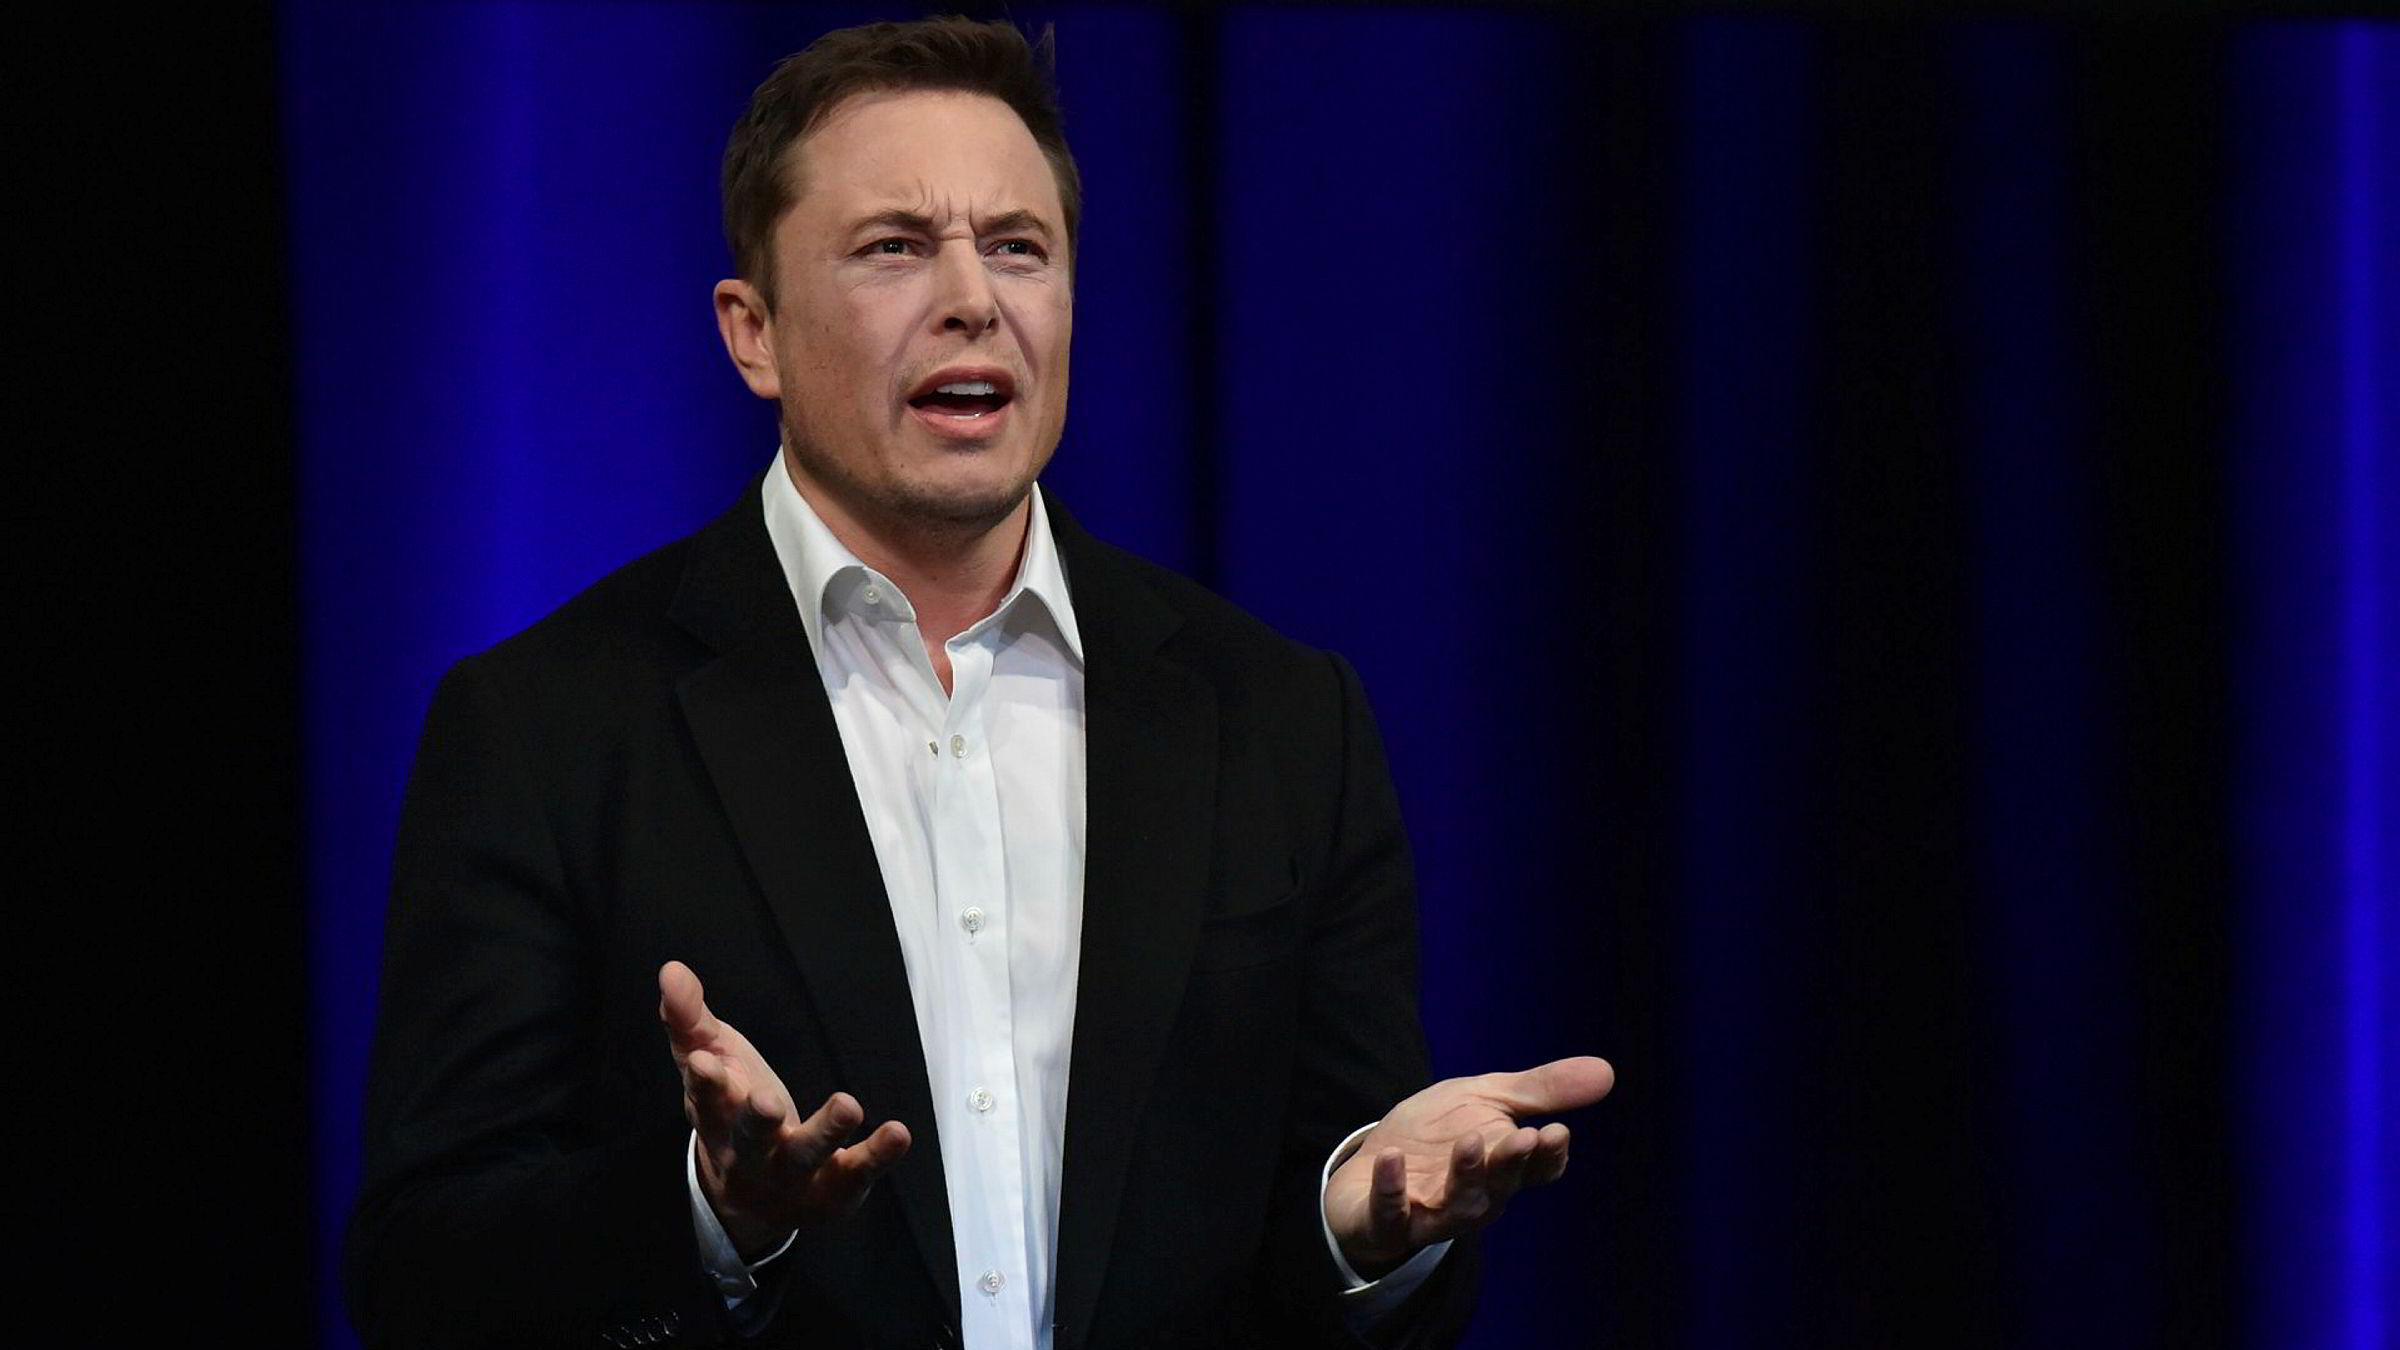 Elon Musk er mannen bak både elbilprodusenten Tesla og romfartsselskapet SpaceX som ønsker å kolonisere Mars.